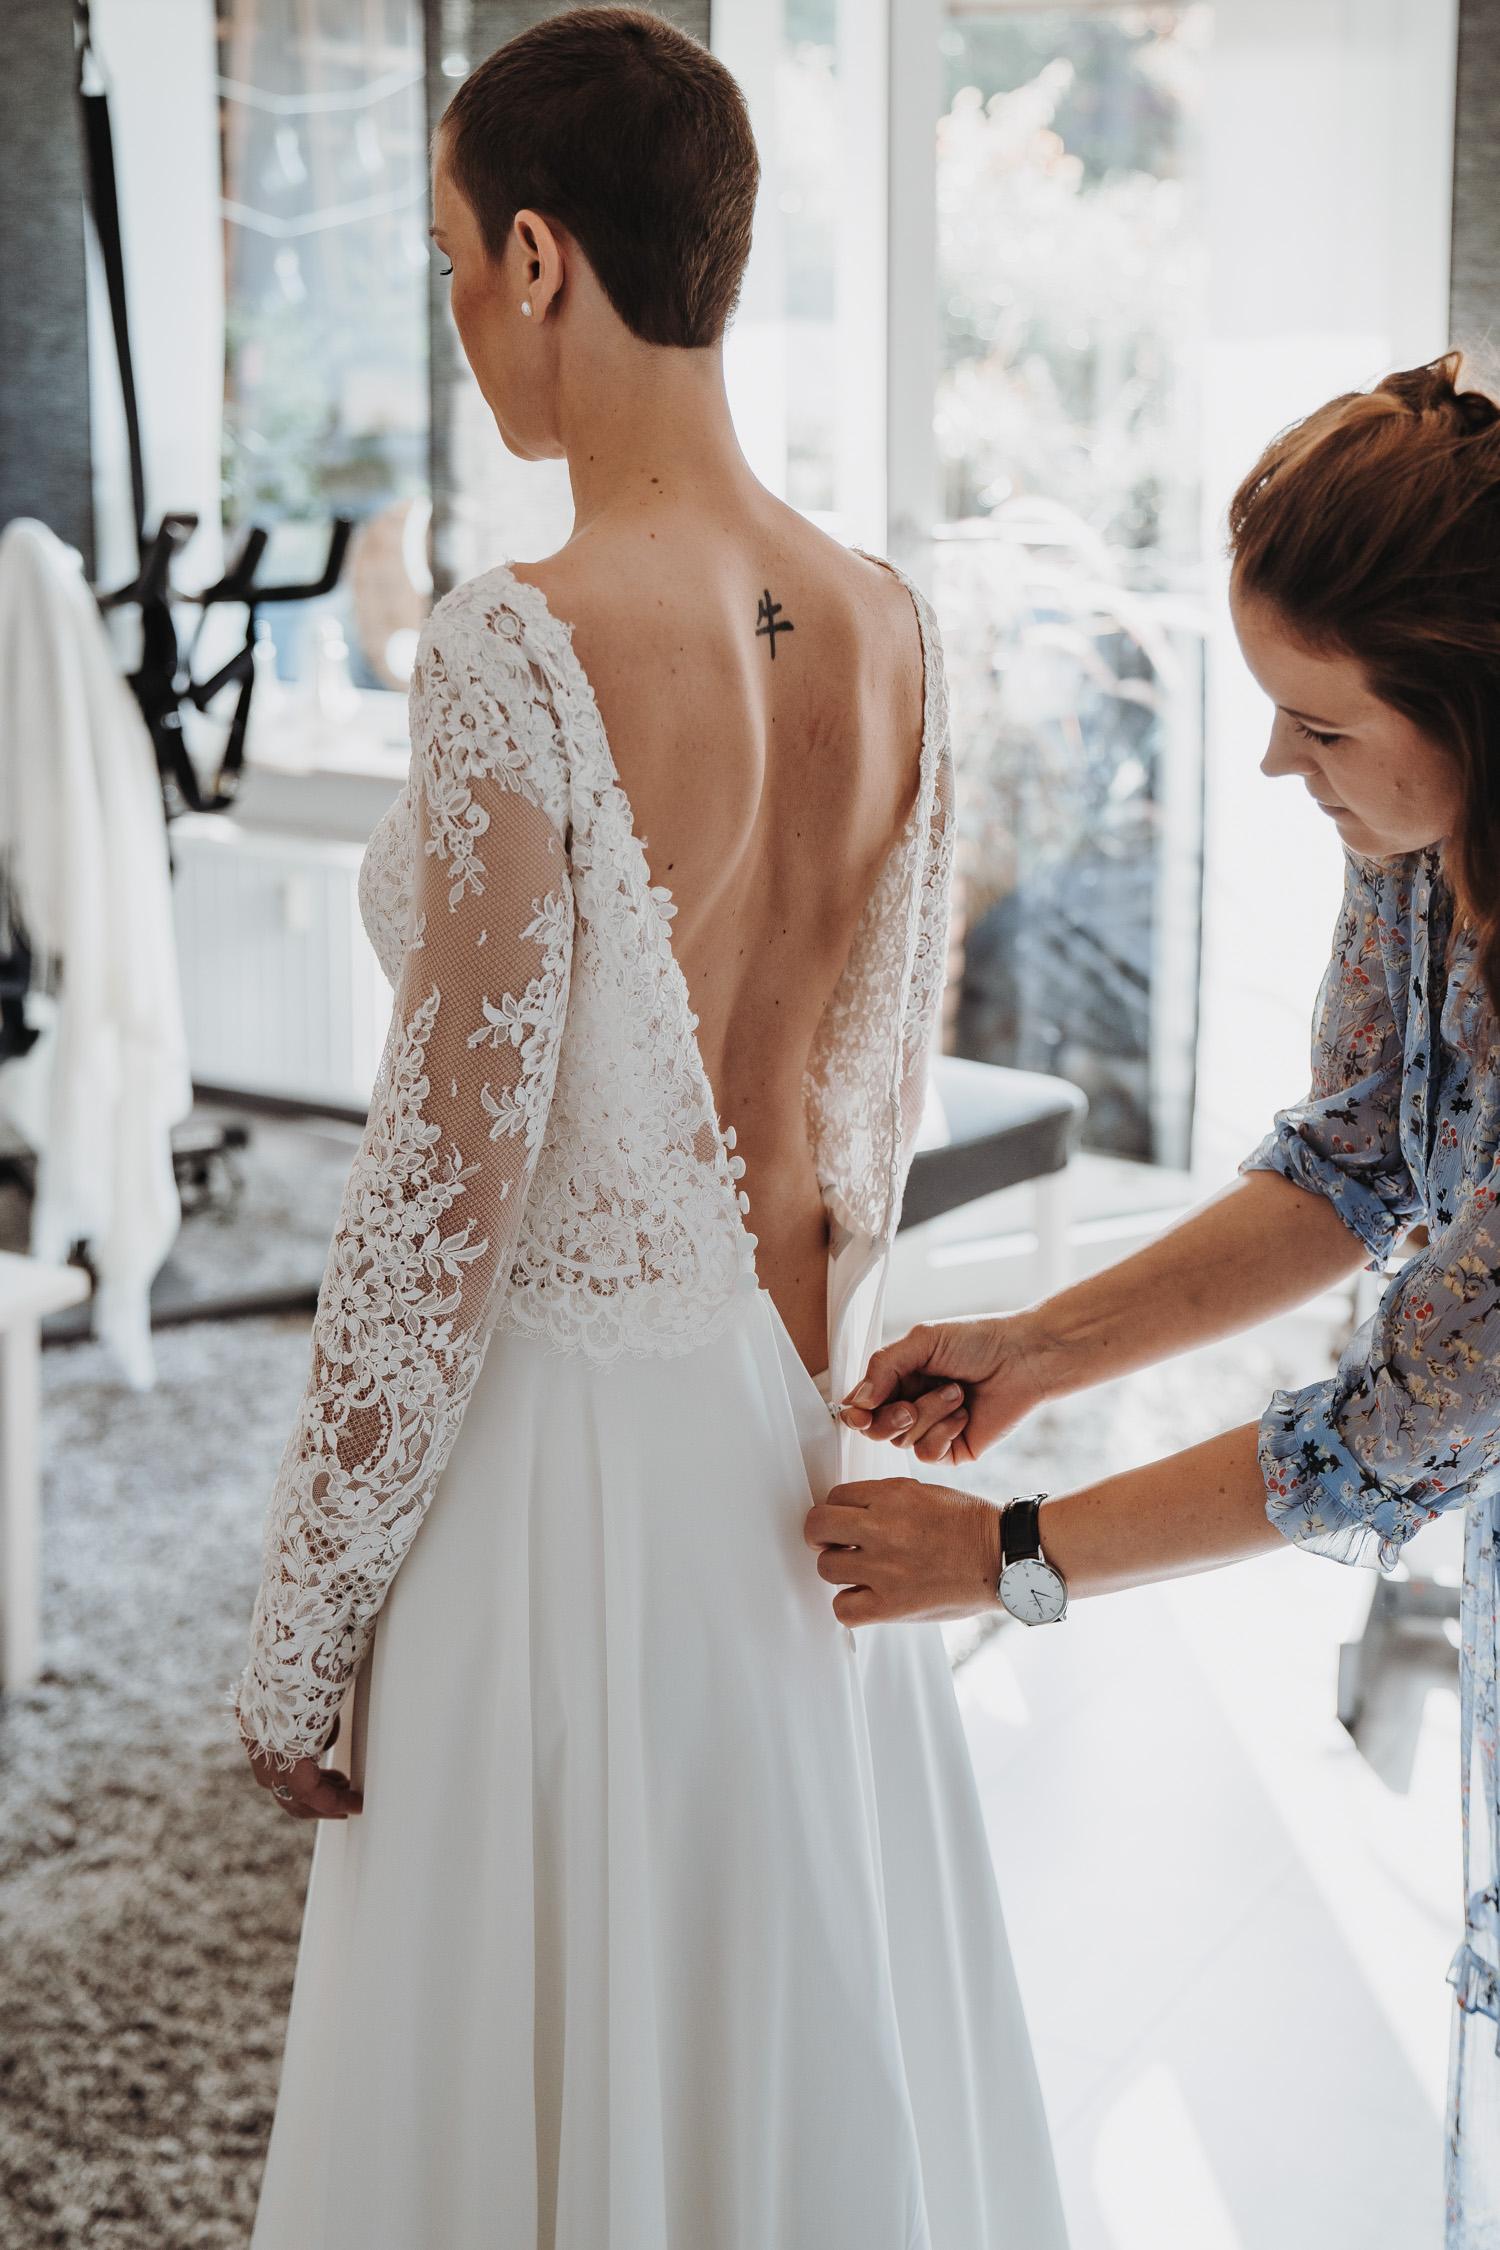 Hochzeitskleid_Ideen_Motiv